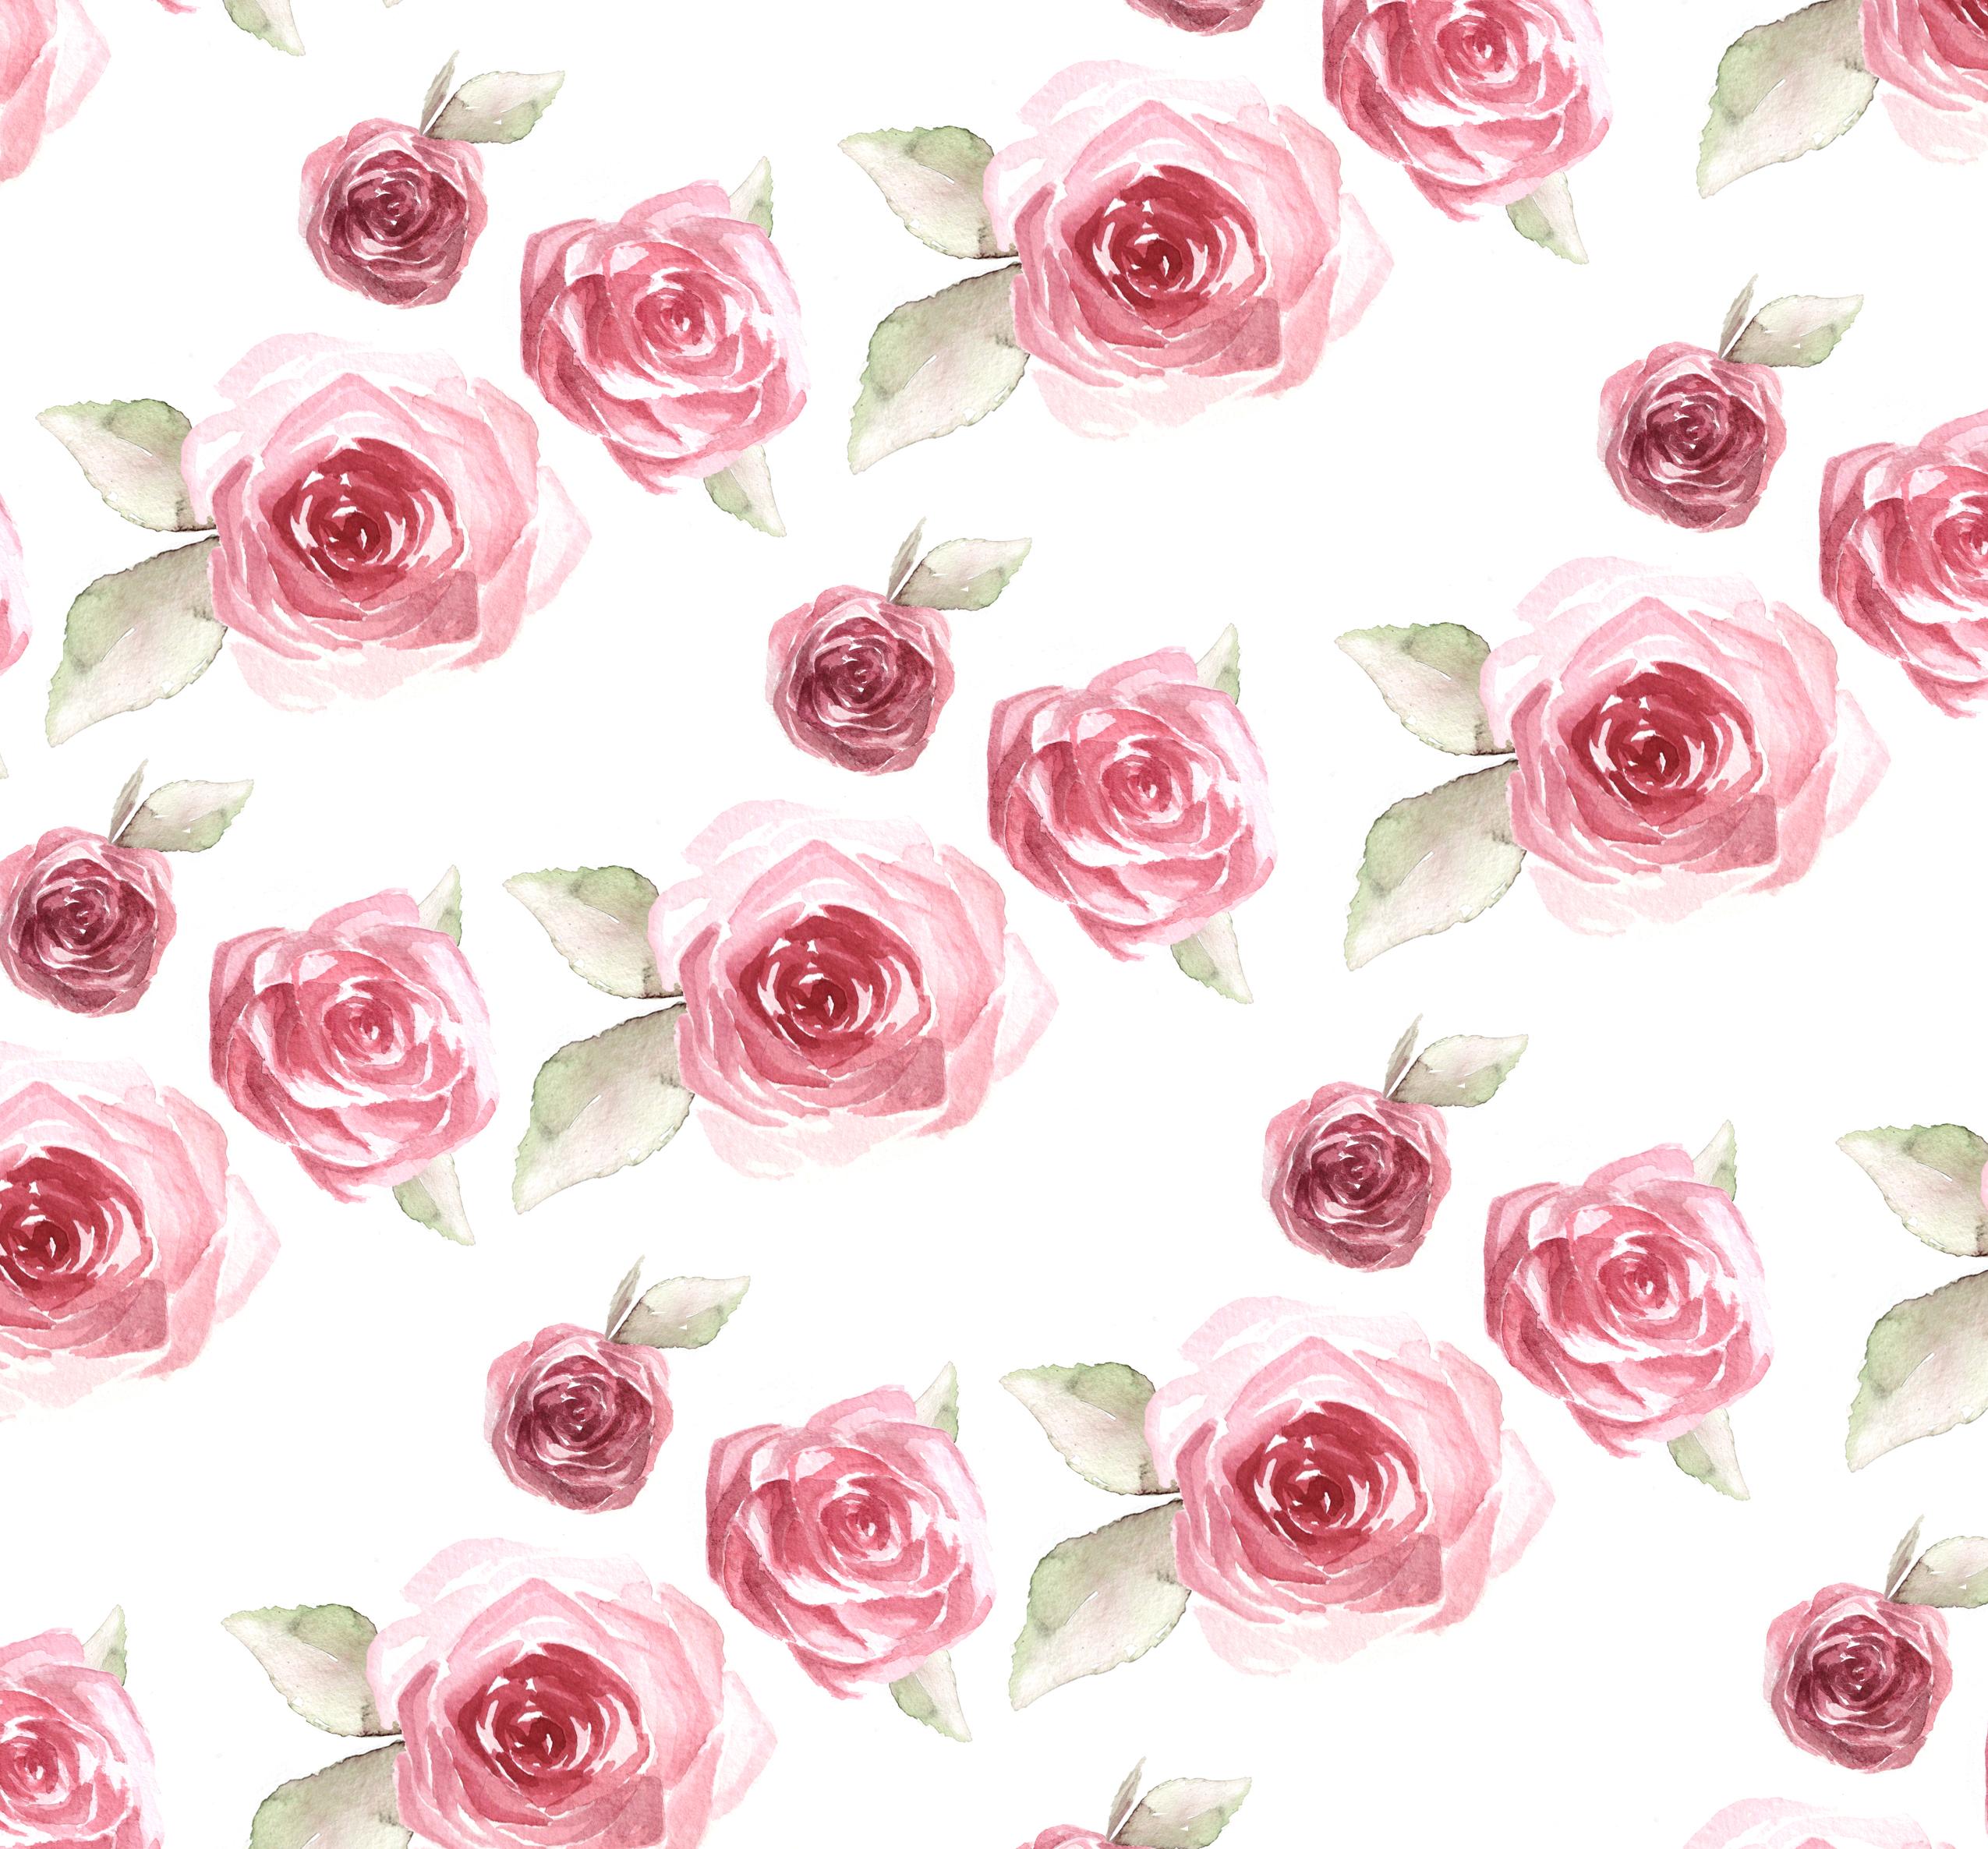 43 Rose Pattern Wallpaper On Wallpapersafari